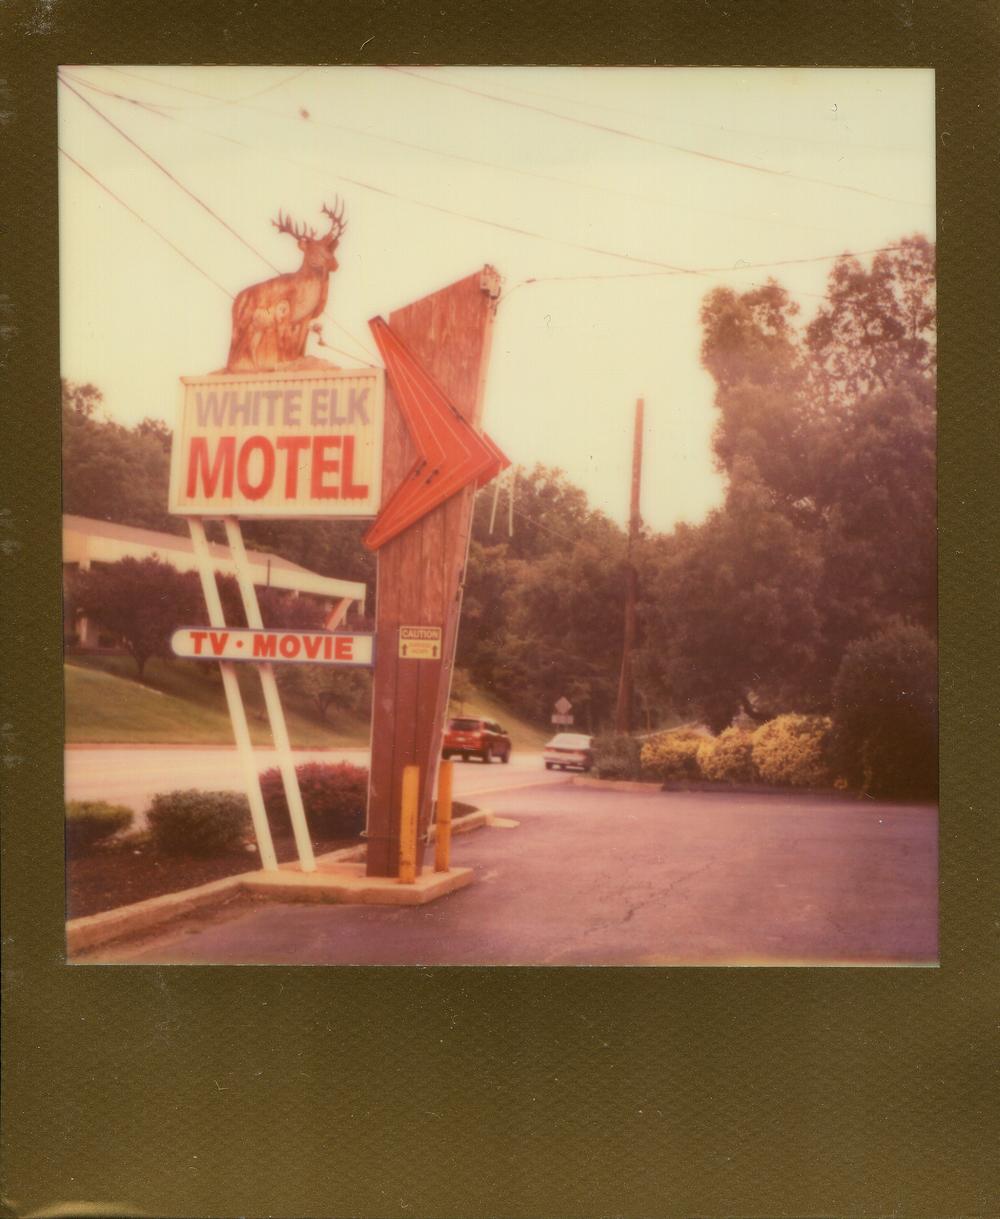 White Elk Motel Laurel MD 072014.jpg